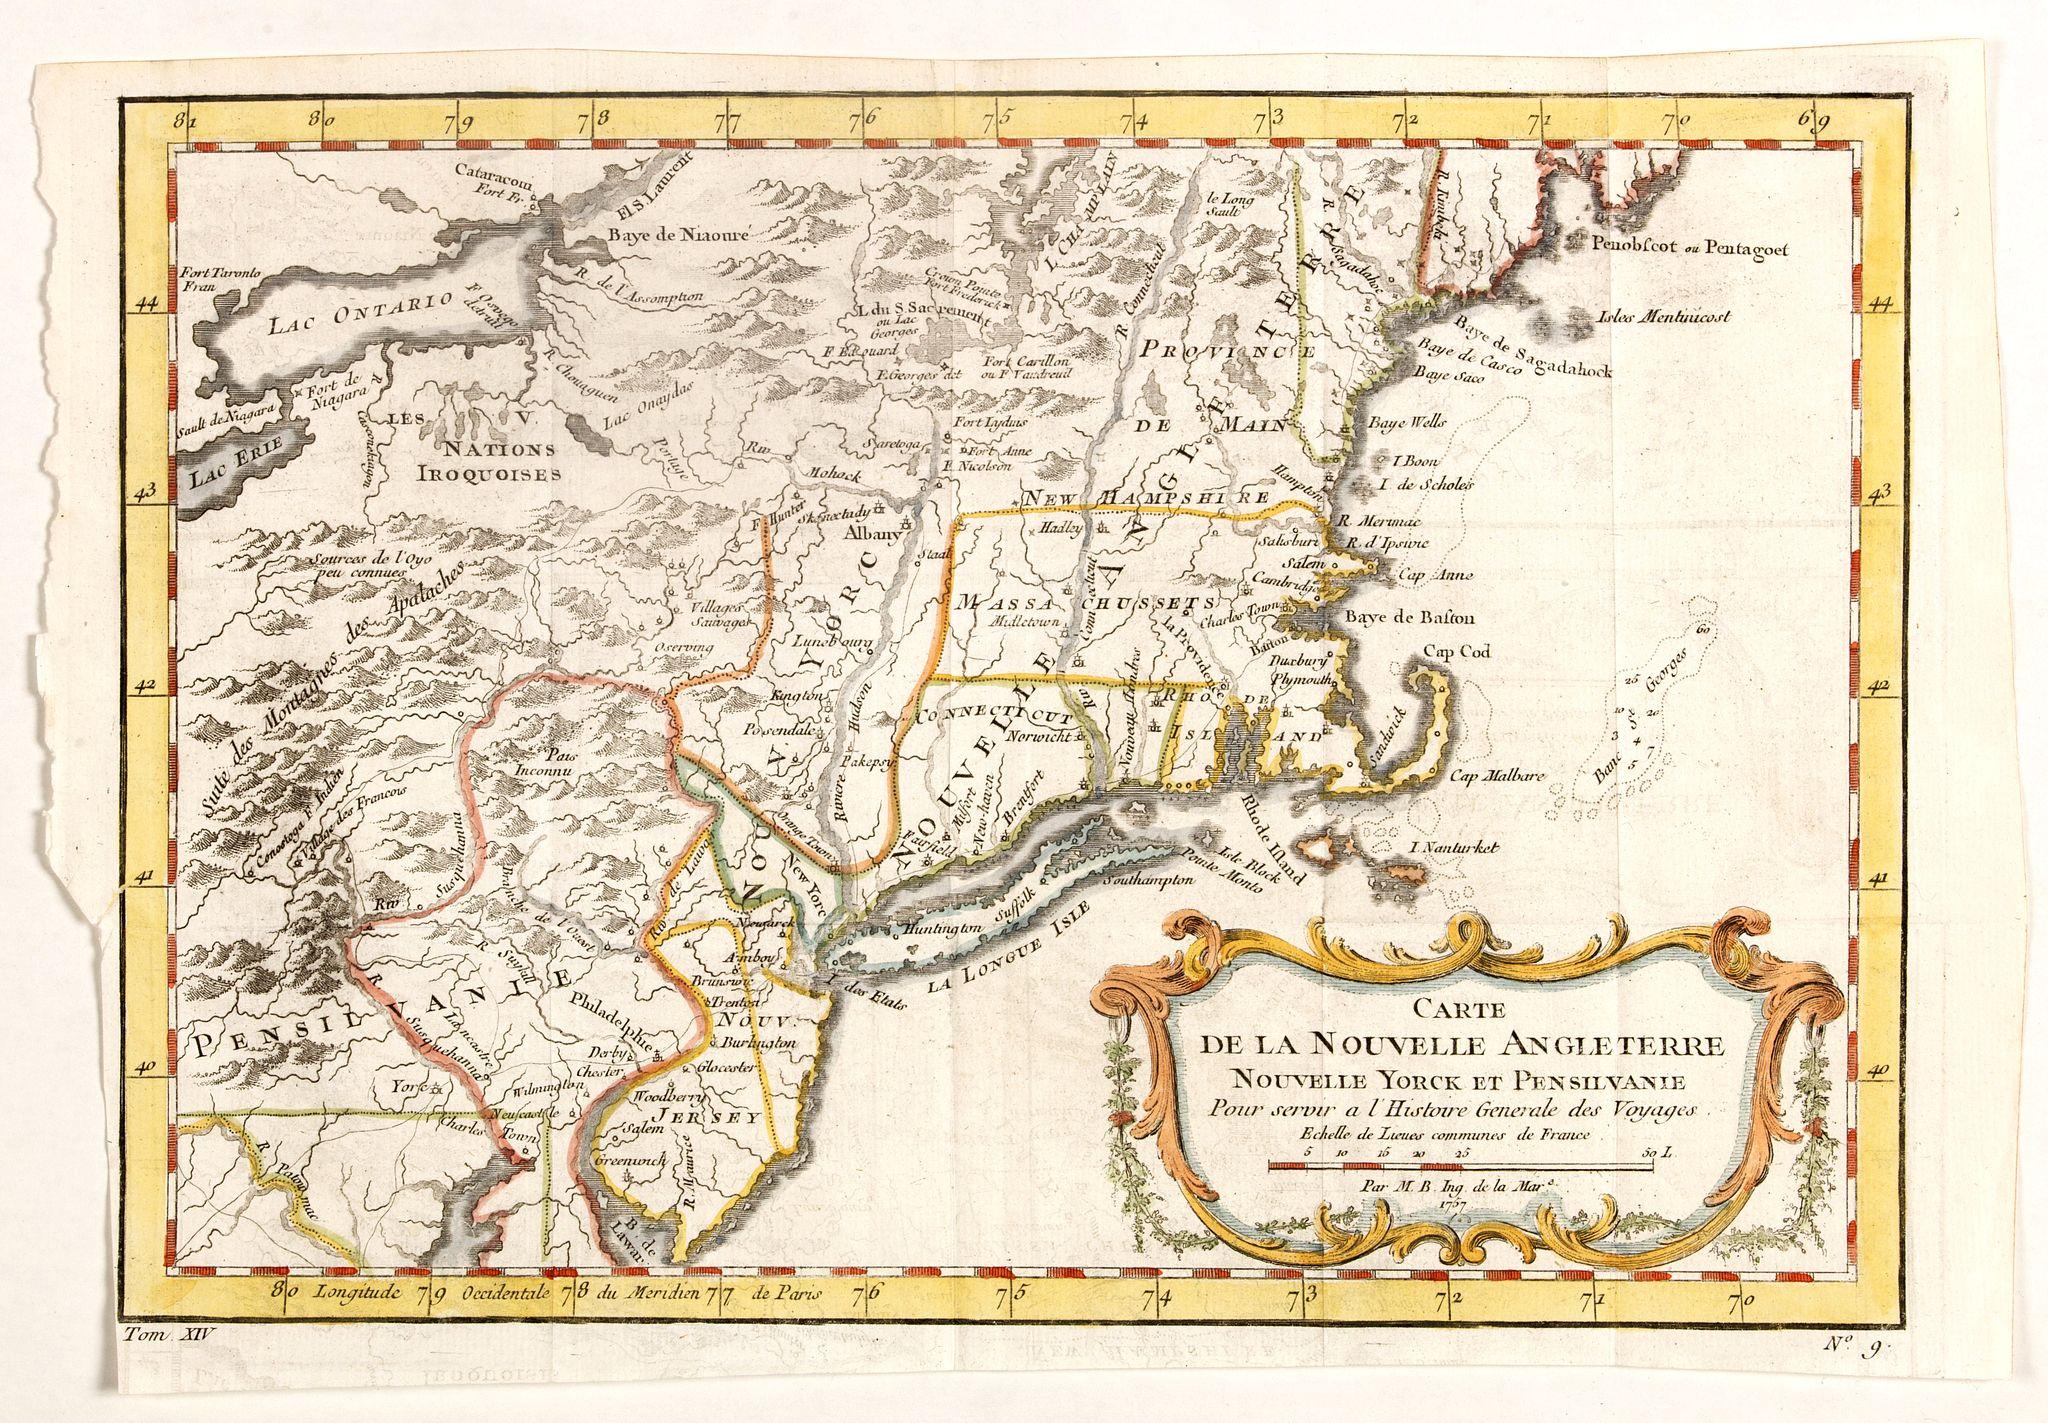 BELLIN, J.N. - Carte de la Nouvelle Angleterre, Nouvelle York et Pensilvanie / Pour servir à l'Histoire Générale des Voyages.